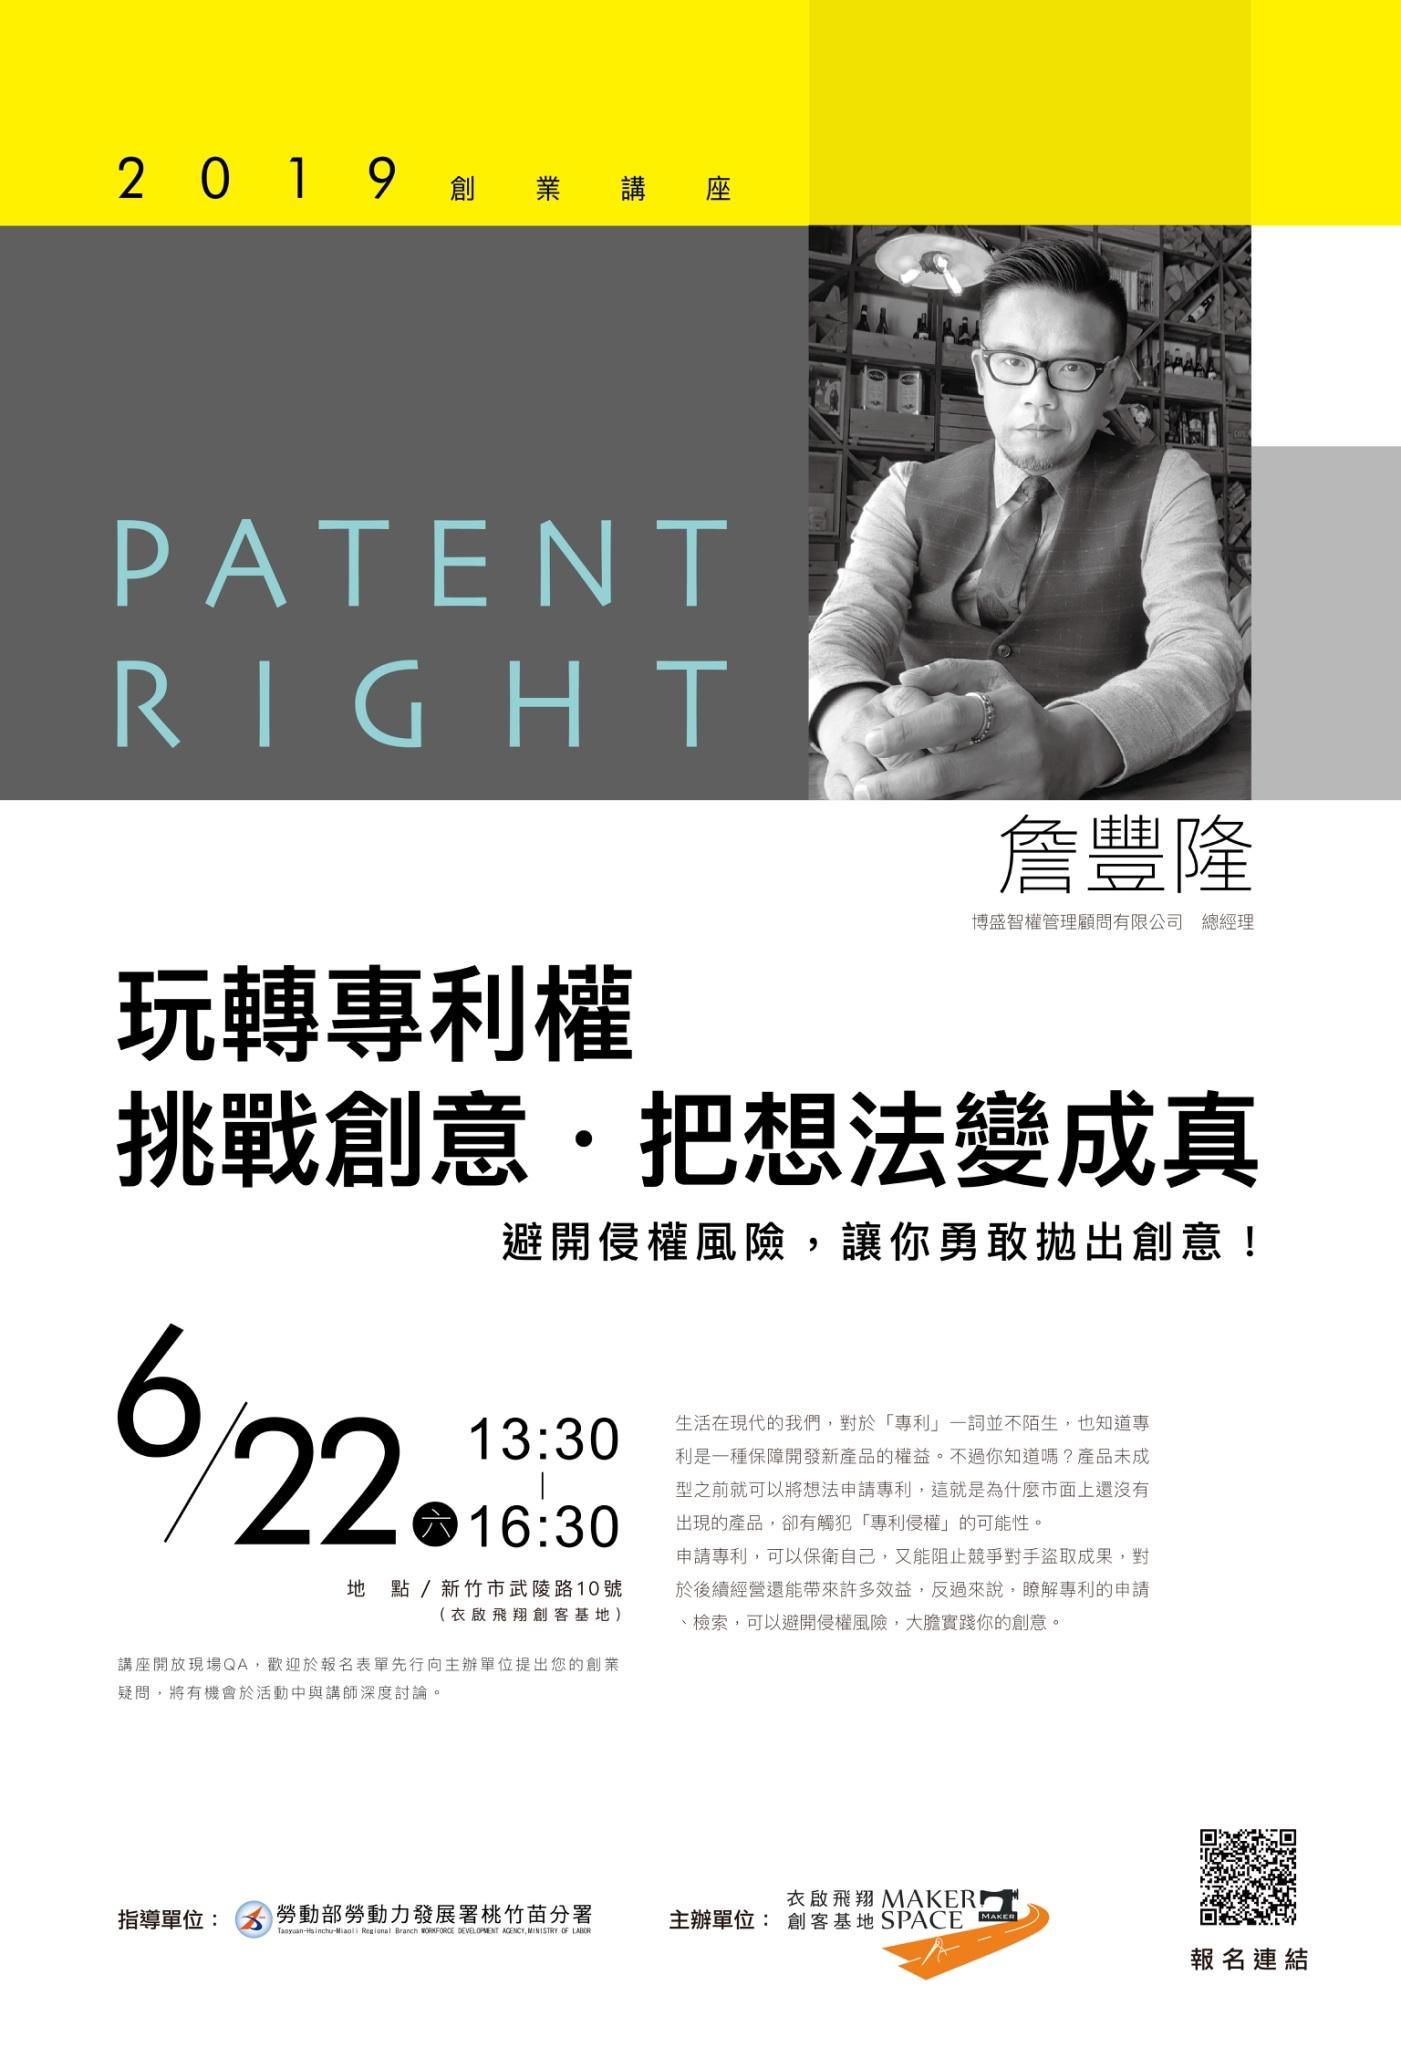 玩轉專利權 挑戰創意 把想法變成真